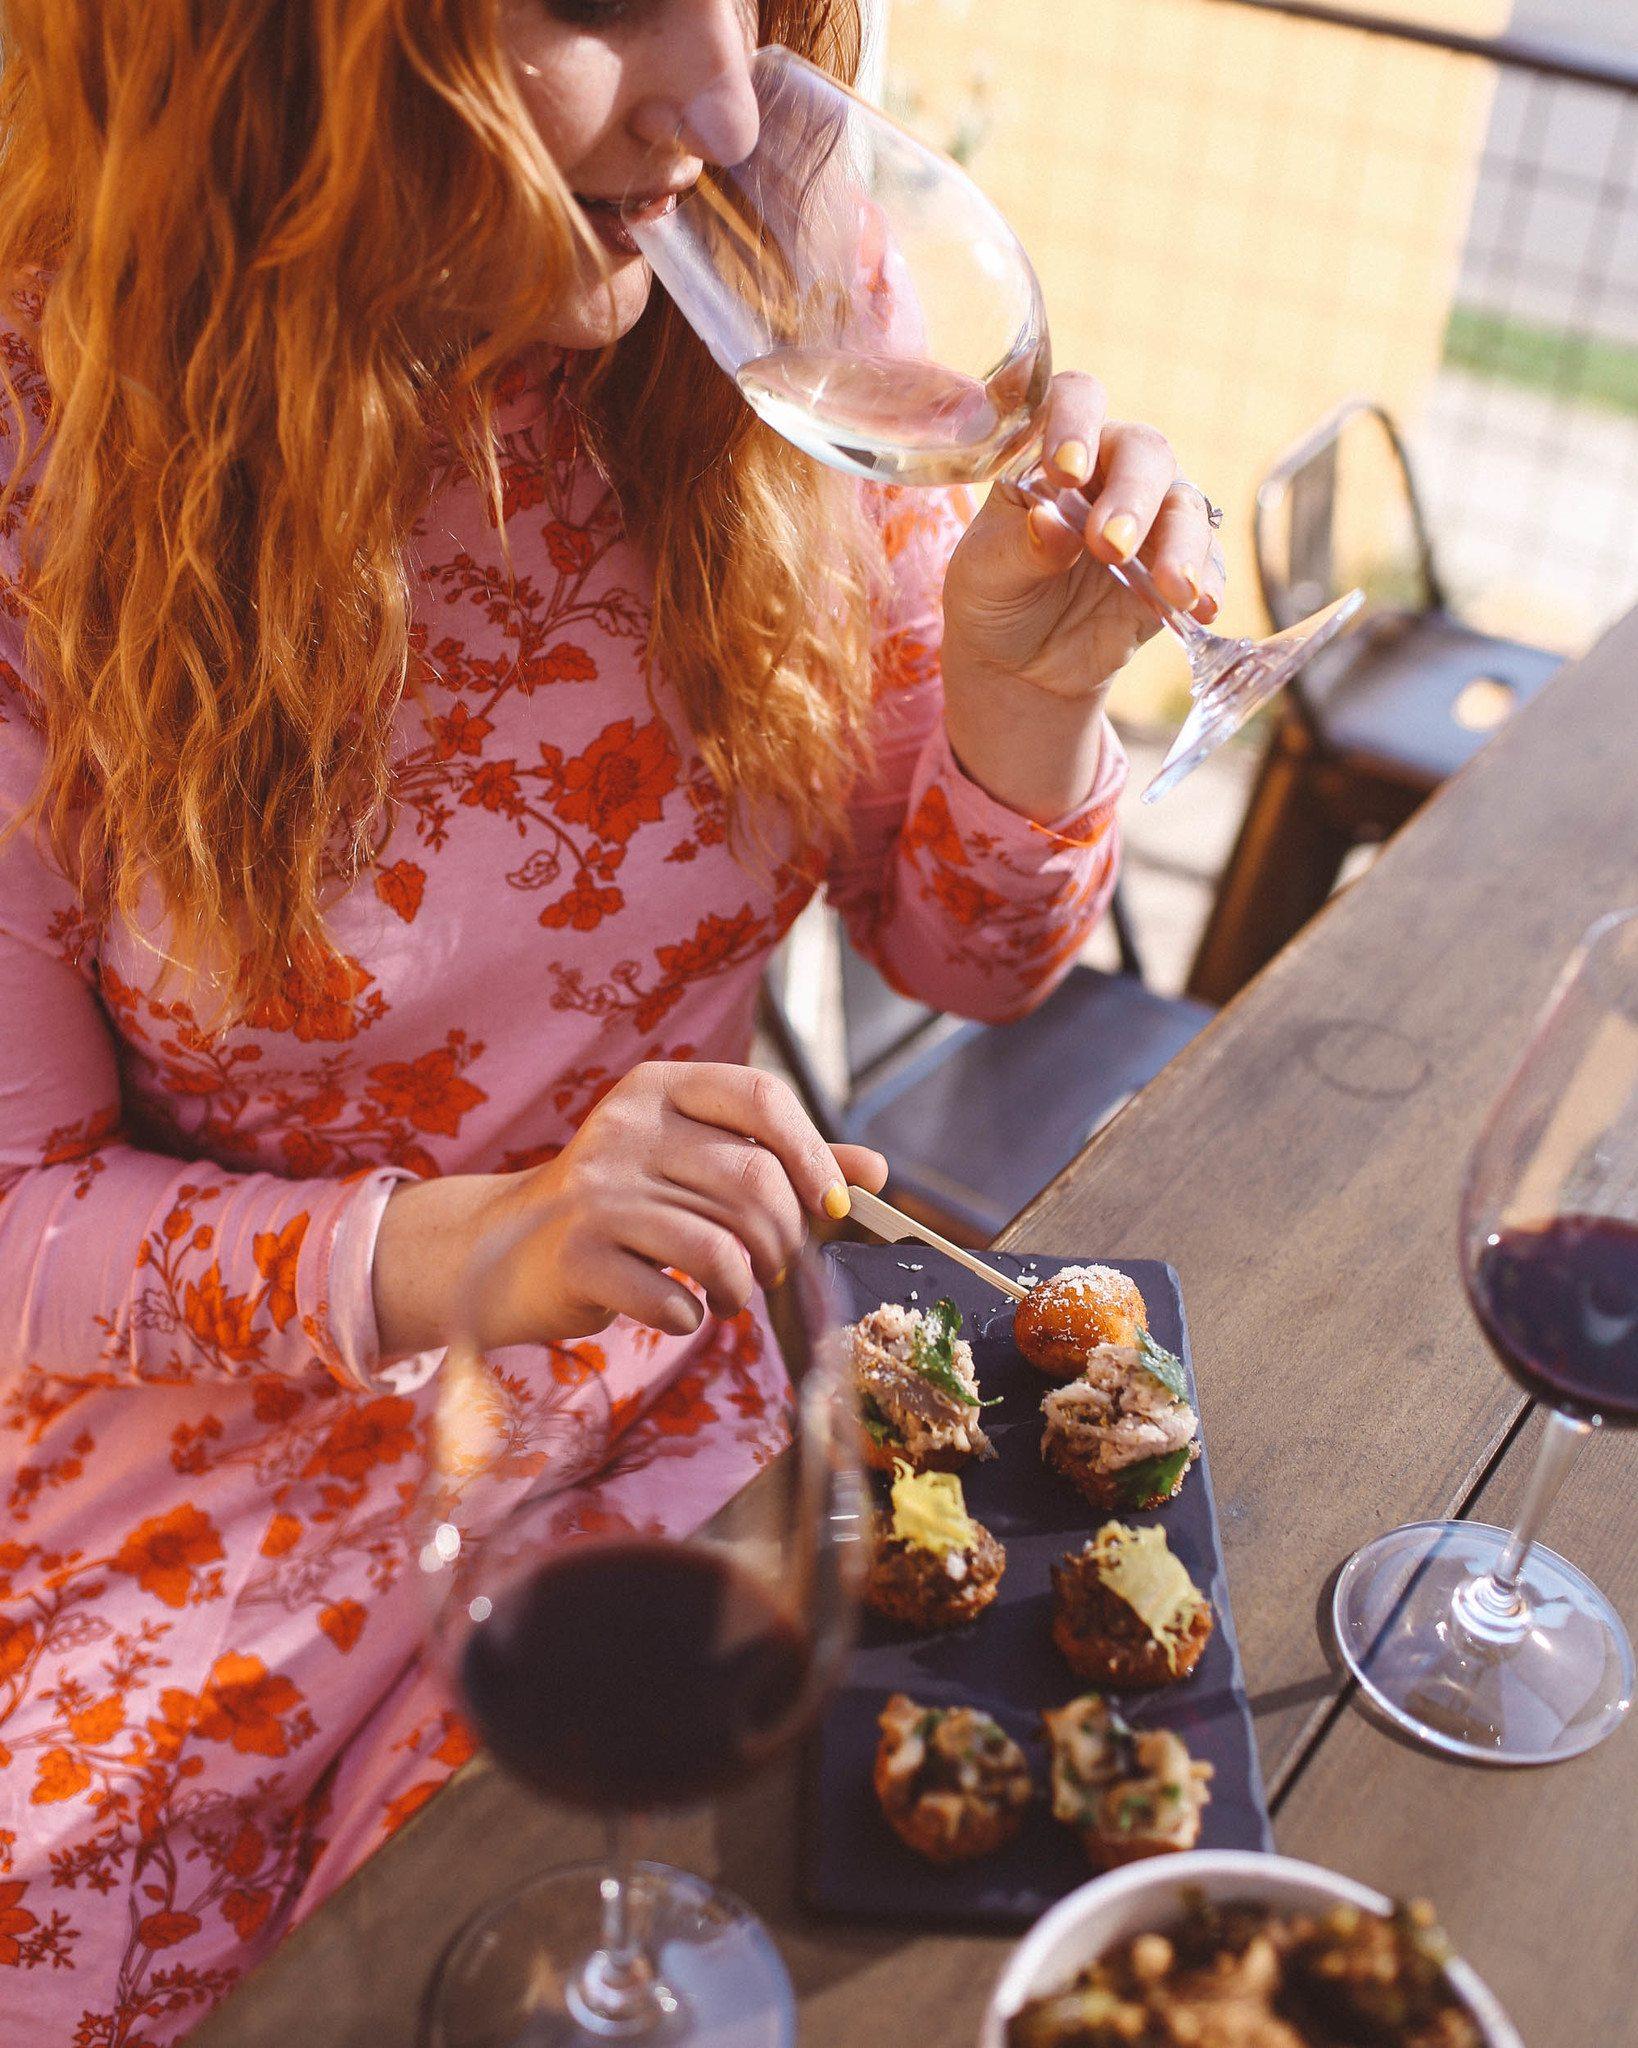 Woman eating at Napa Valley winery